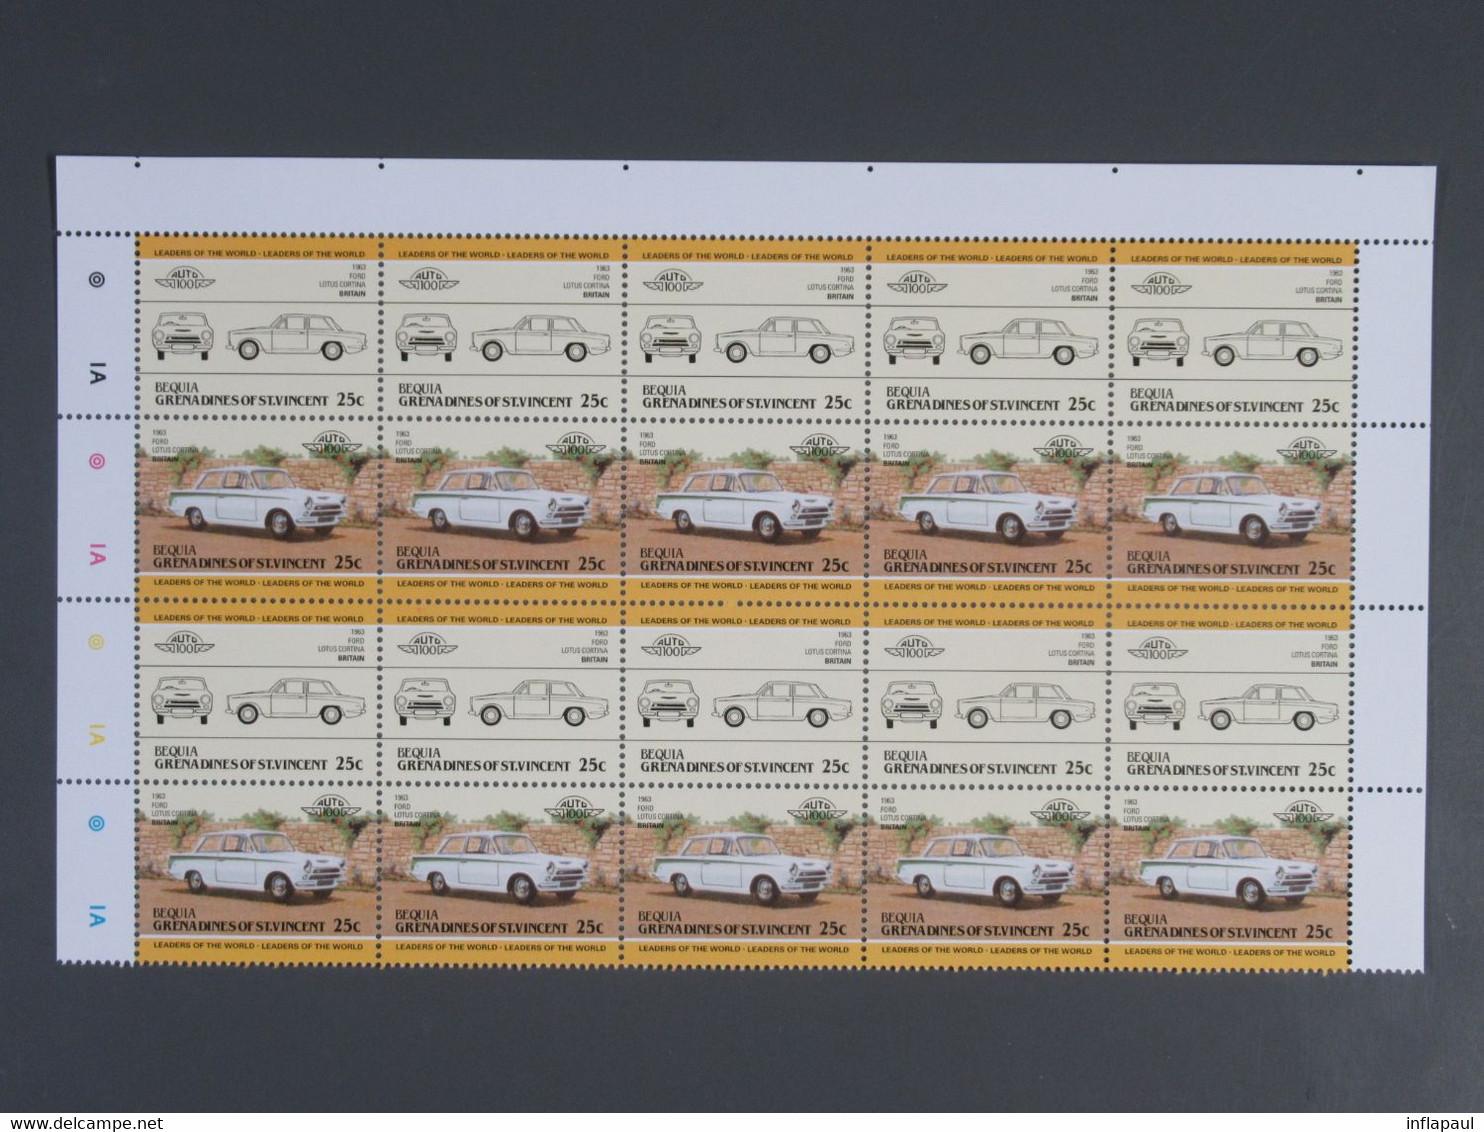 Karibik Nur Komplette Serien Per 10  - Karibik Only Complete Per 10 800,00 € Michelwert - Colecciones (sin álbumes)